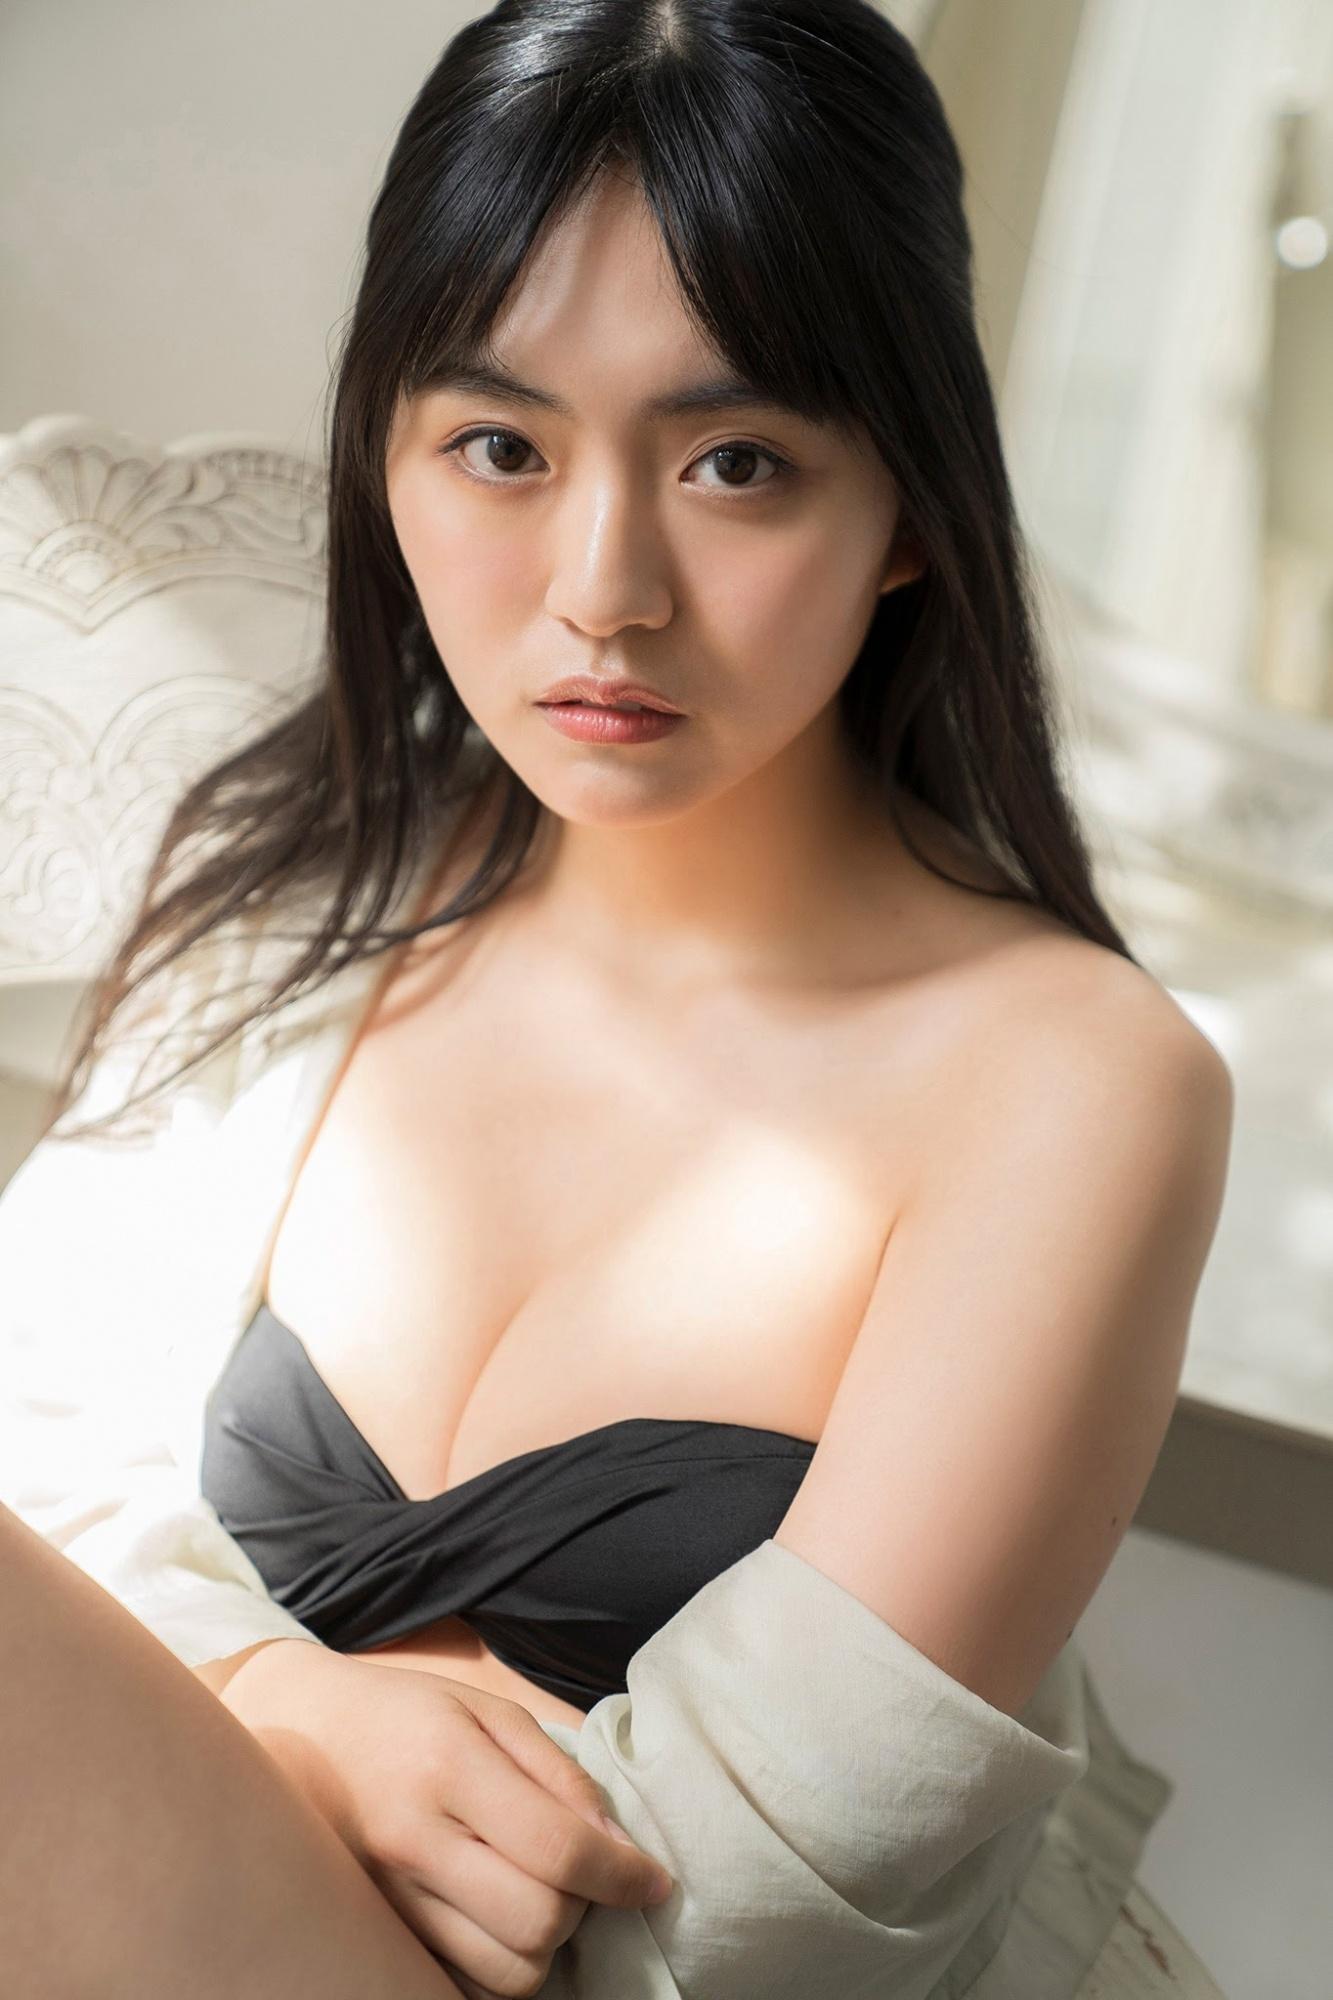 让人心醉!18岁美少女「丰田留妃」最新写真再晒「有料」